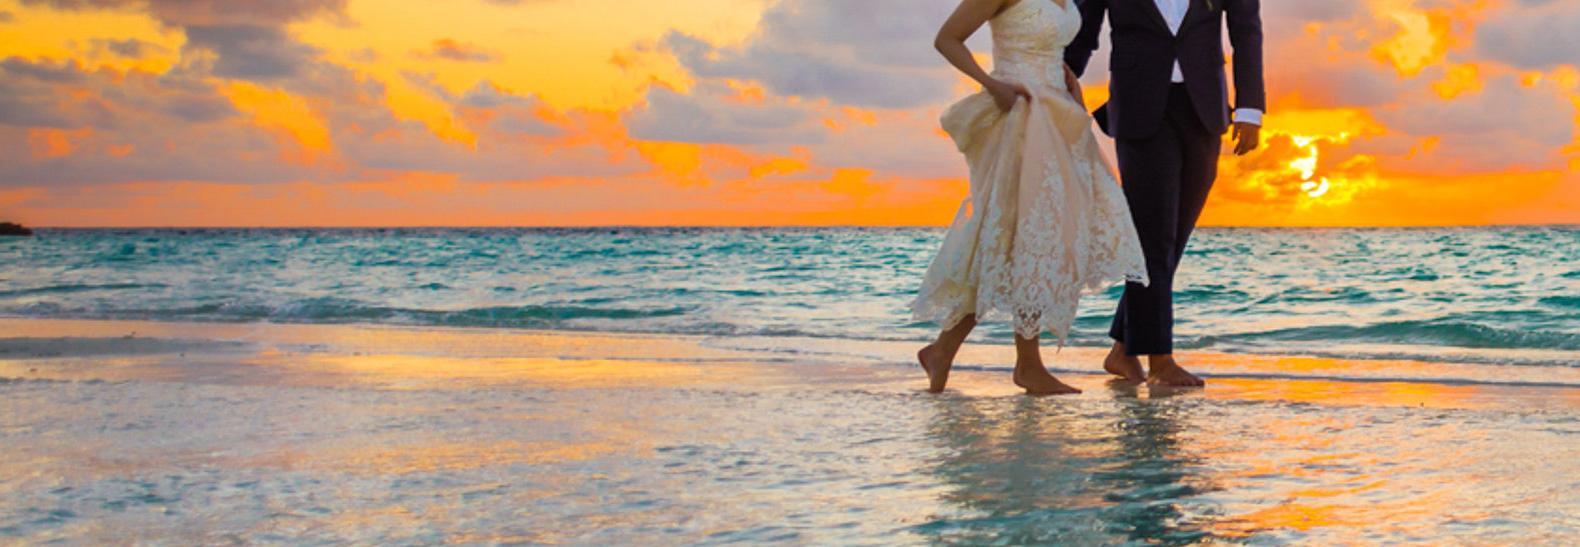 capitali-europee-piu-romantiche-per-un-viaggio-di-nozze